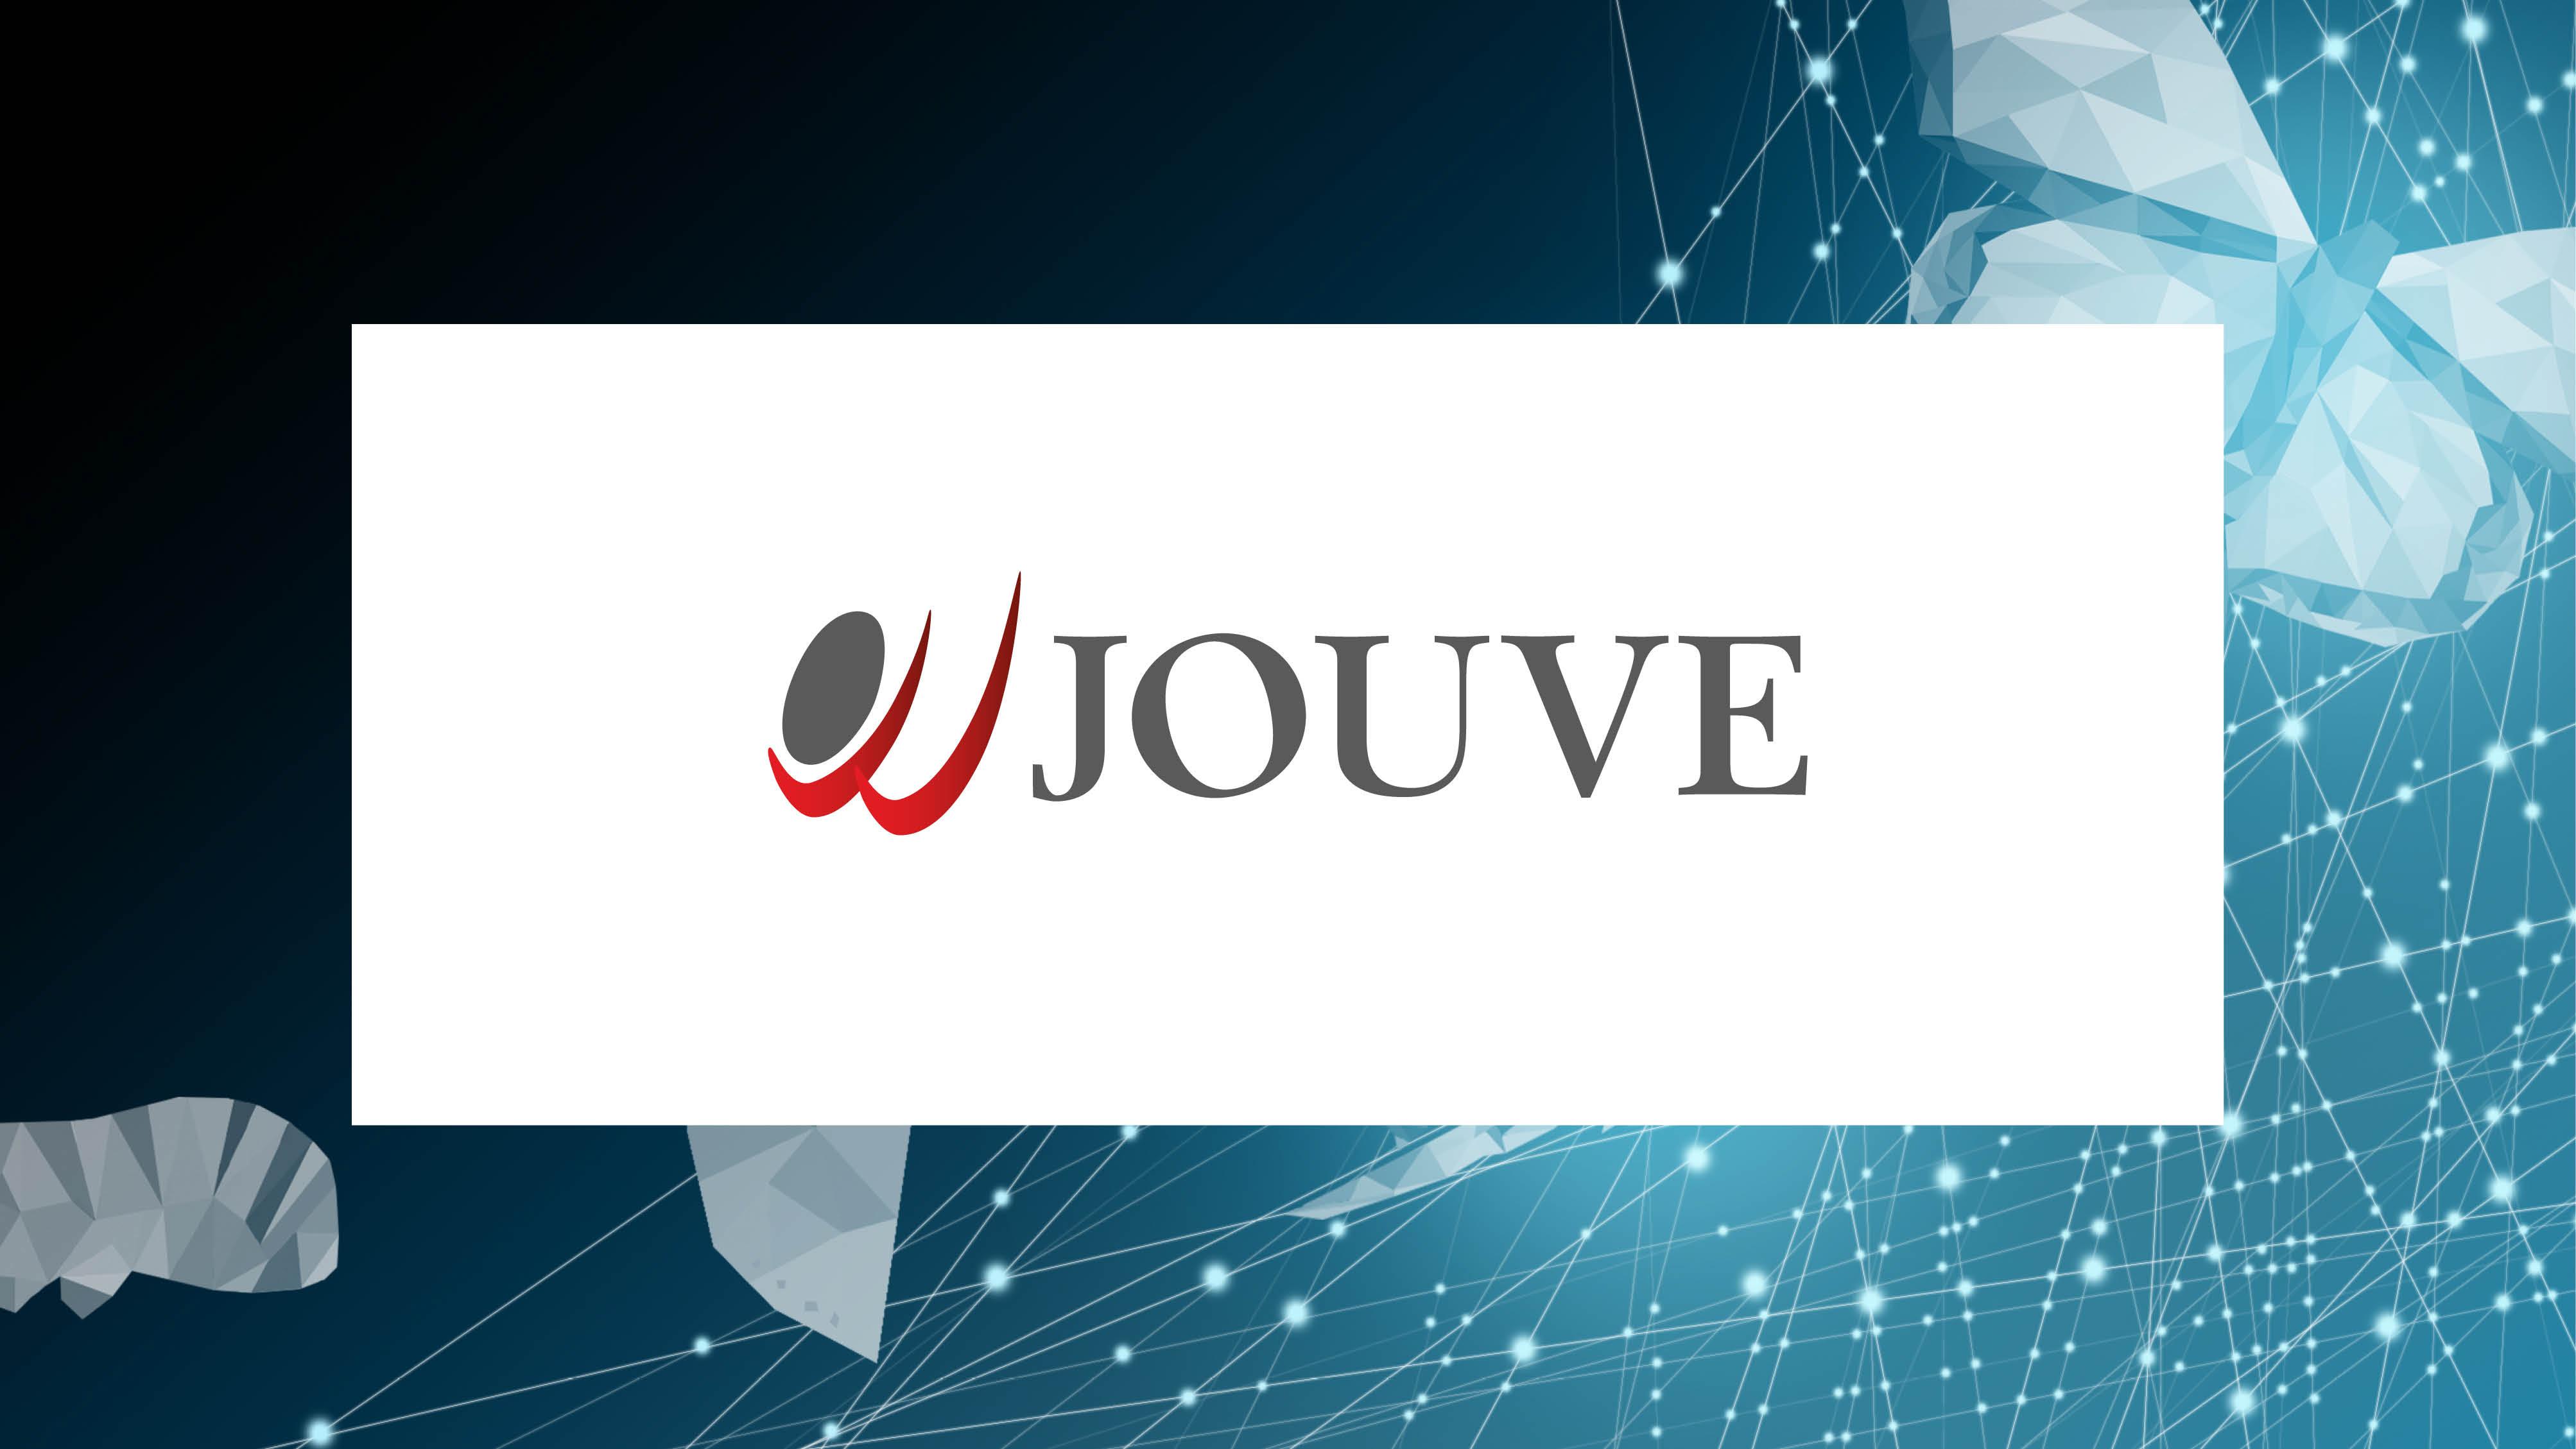 20-034 Jouve Case Study OG_0.jpg